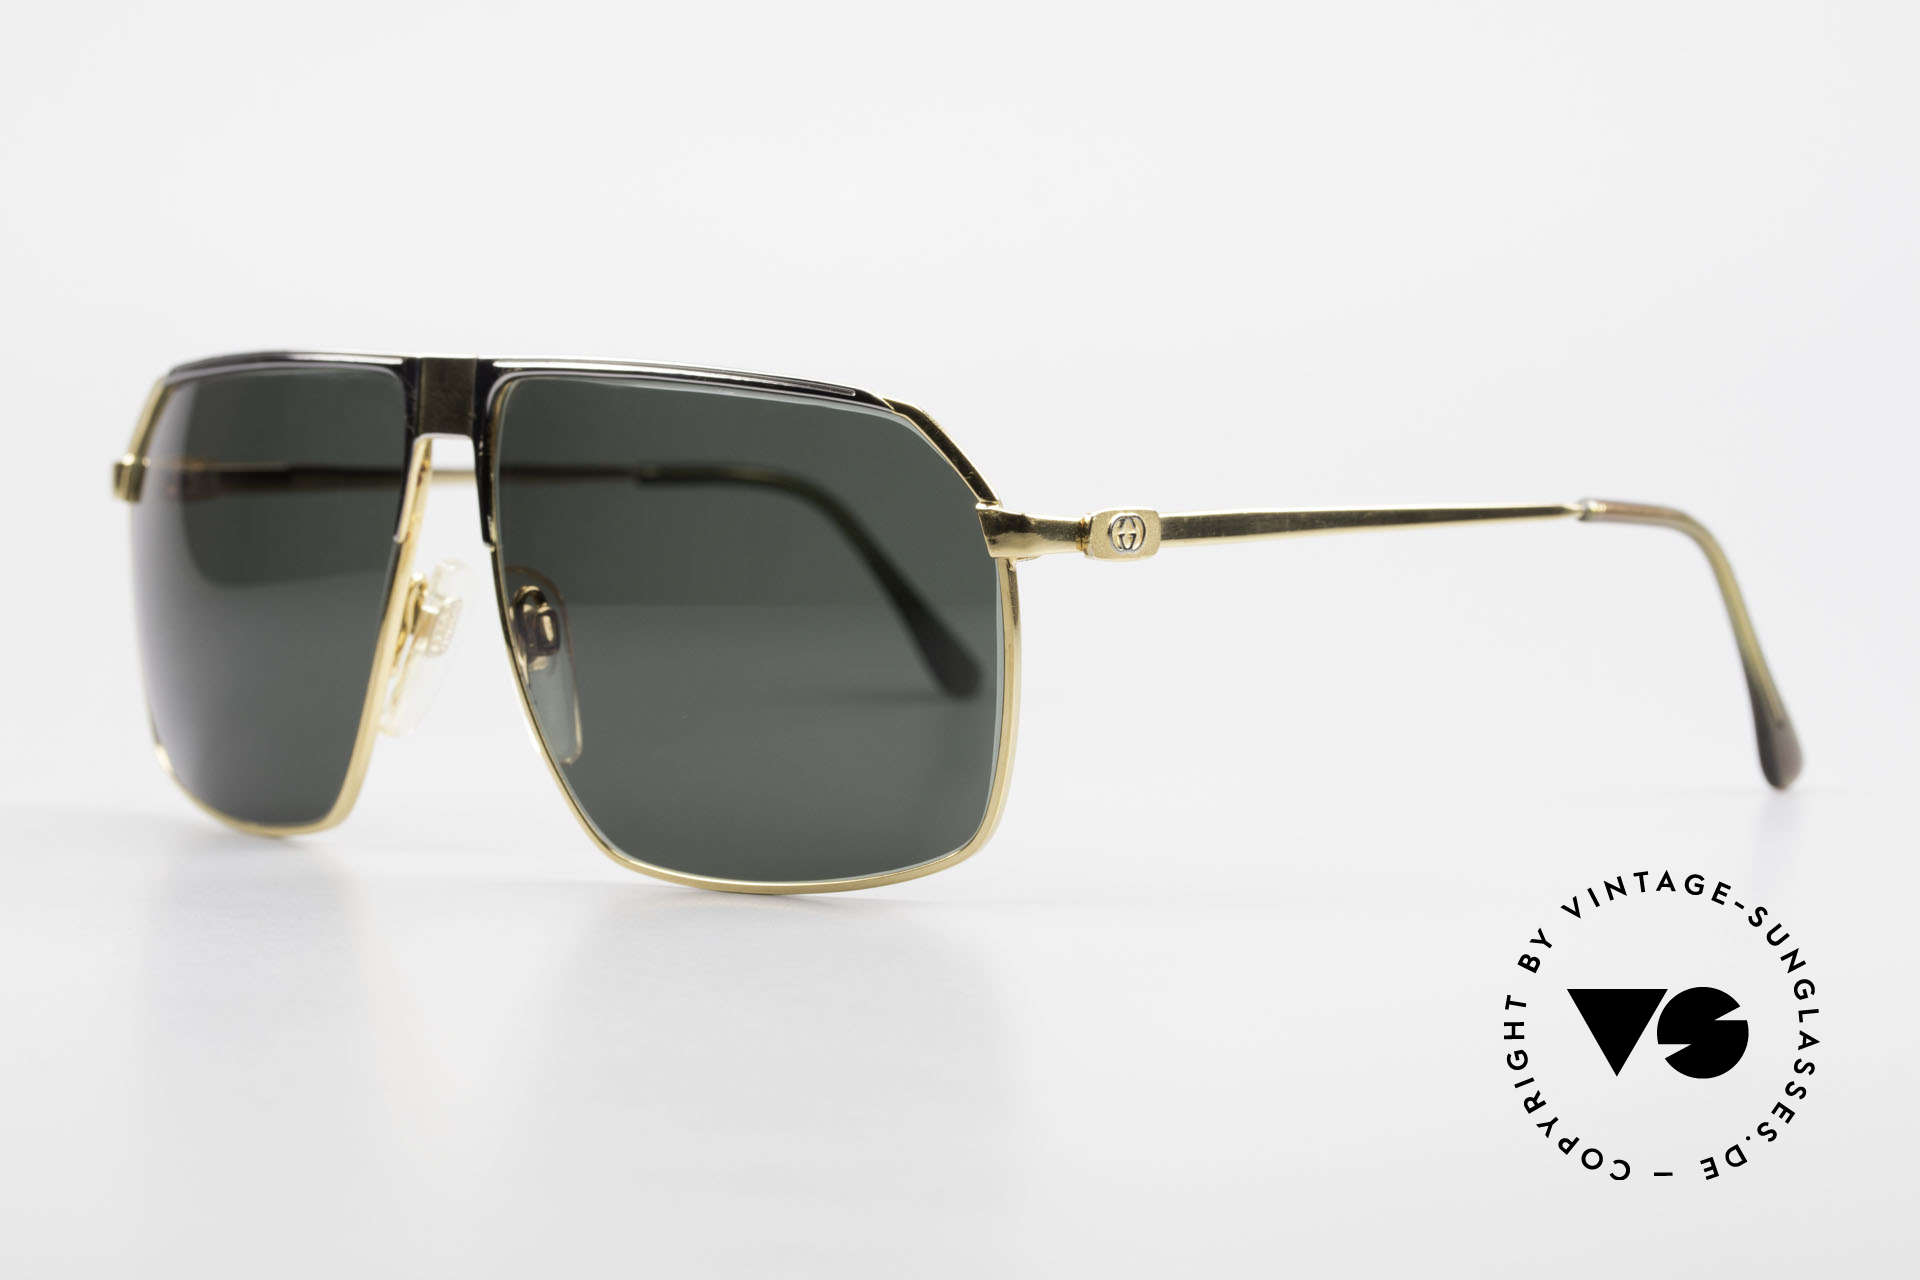 Gucci GG41 22Kt Vergoldete Sonnenbrille, verkörpert den Luxus-Lifestyle mit vintage Charakter, Passend für Herren